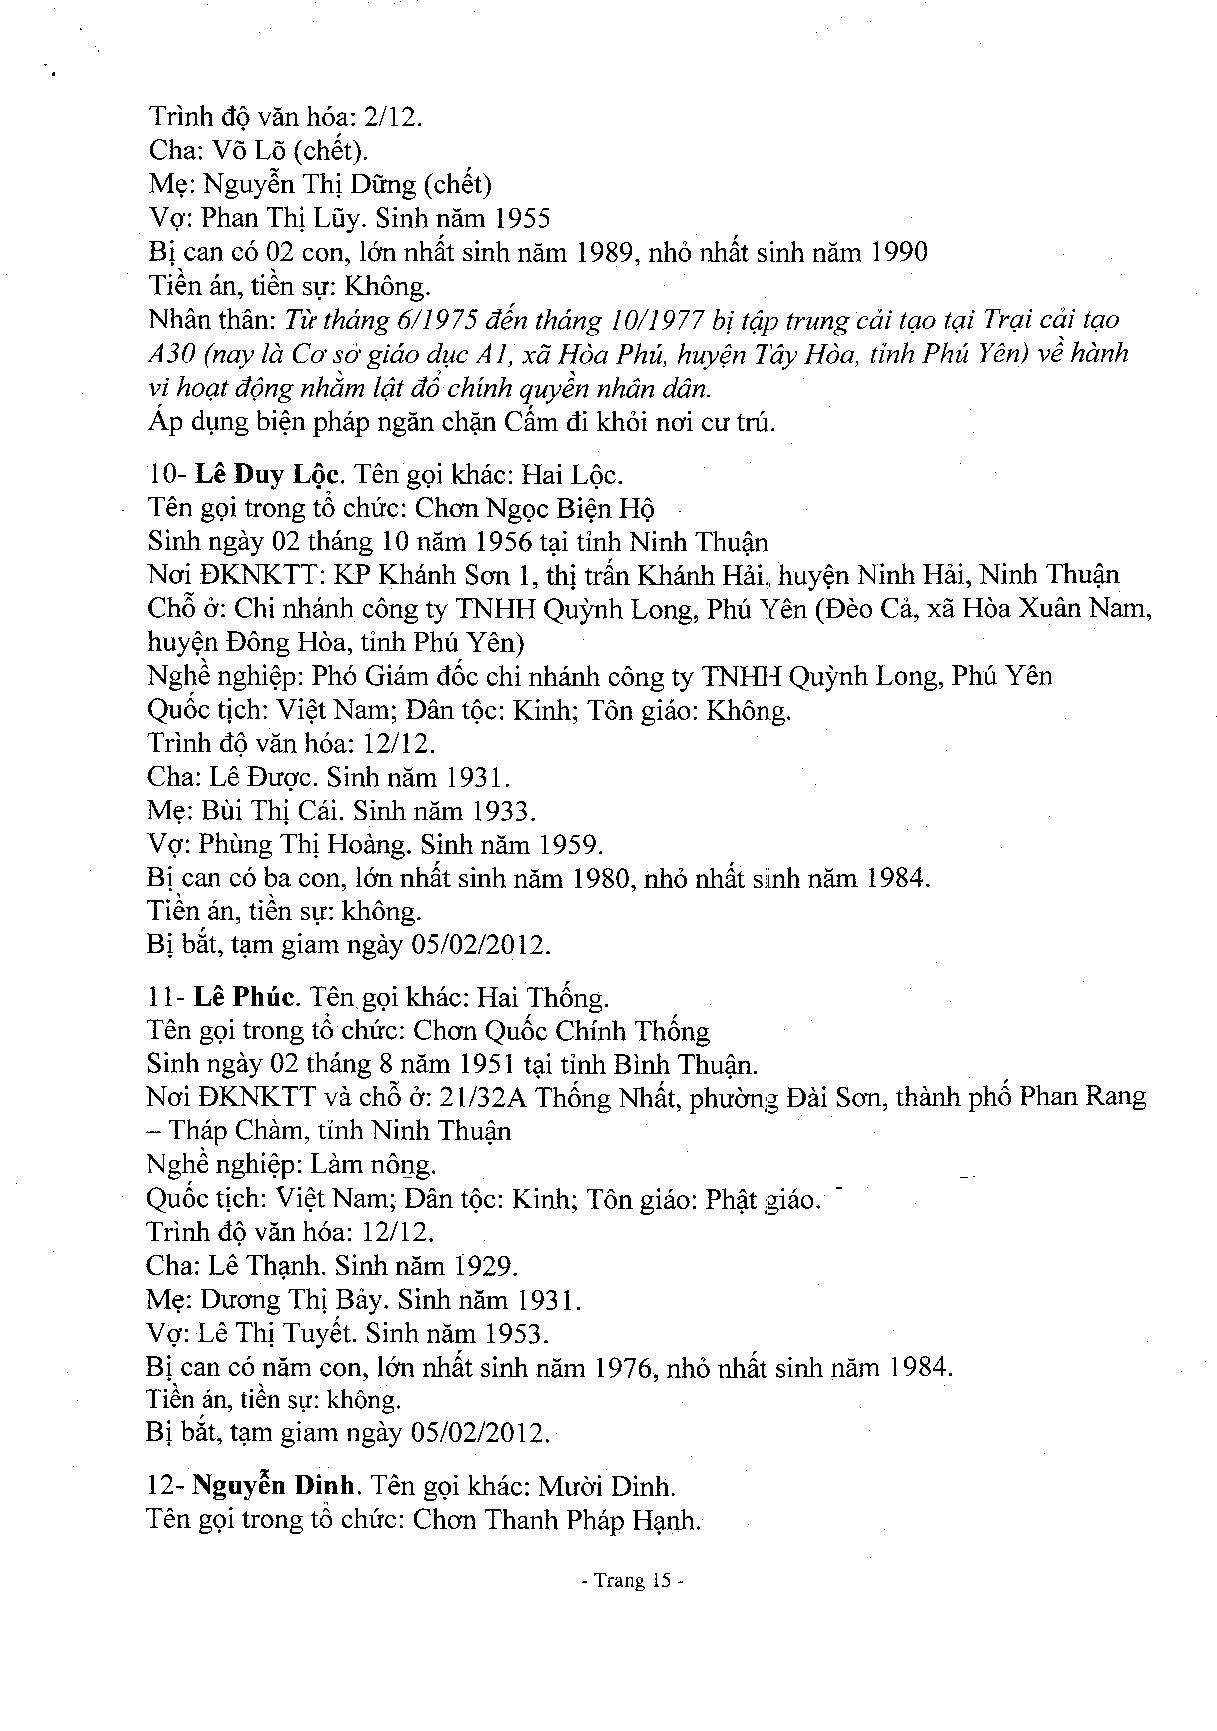 cao trang-page-015